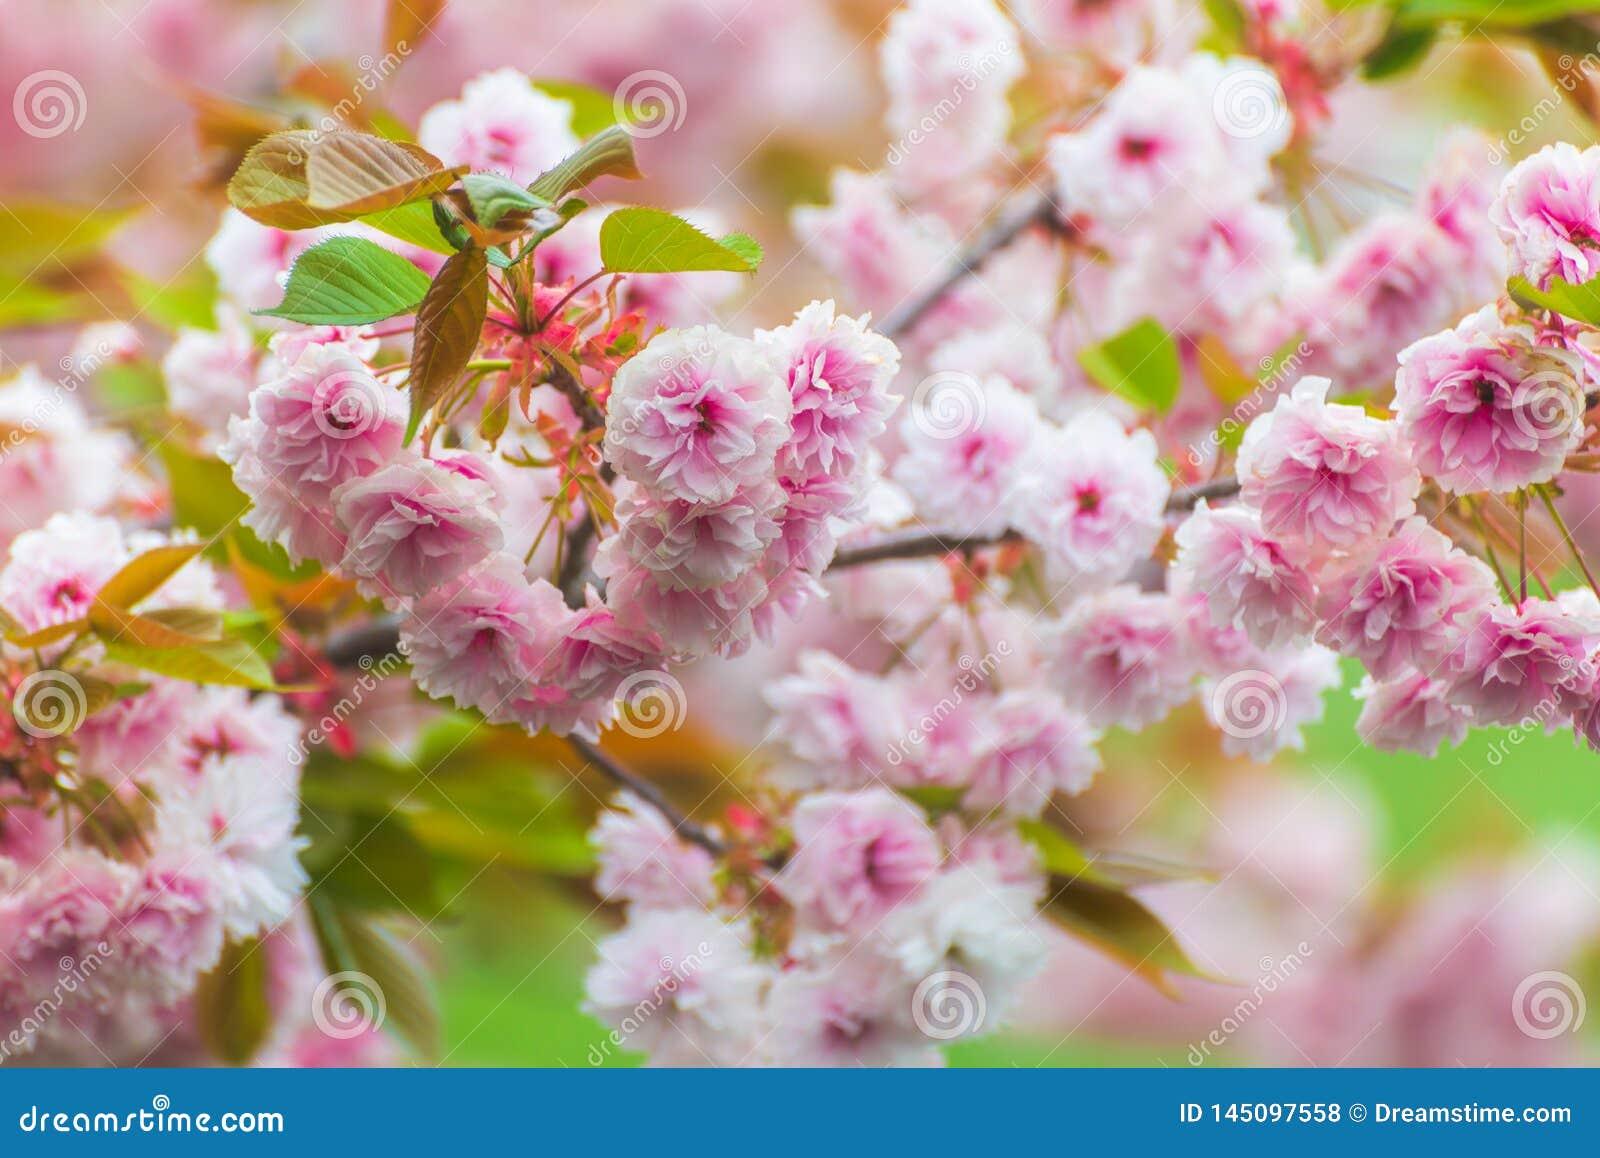 Flores de cerejeira cor-de-rosa calorosamente de florescência